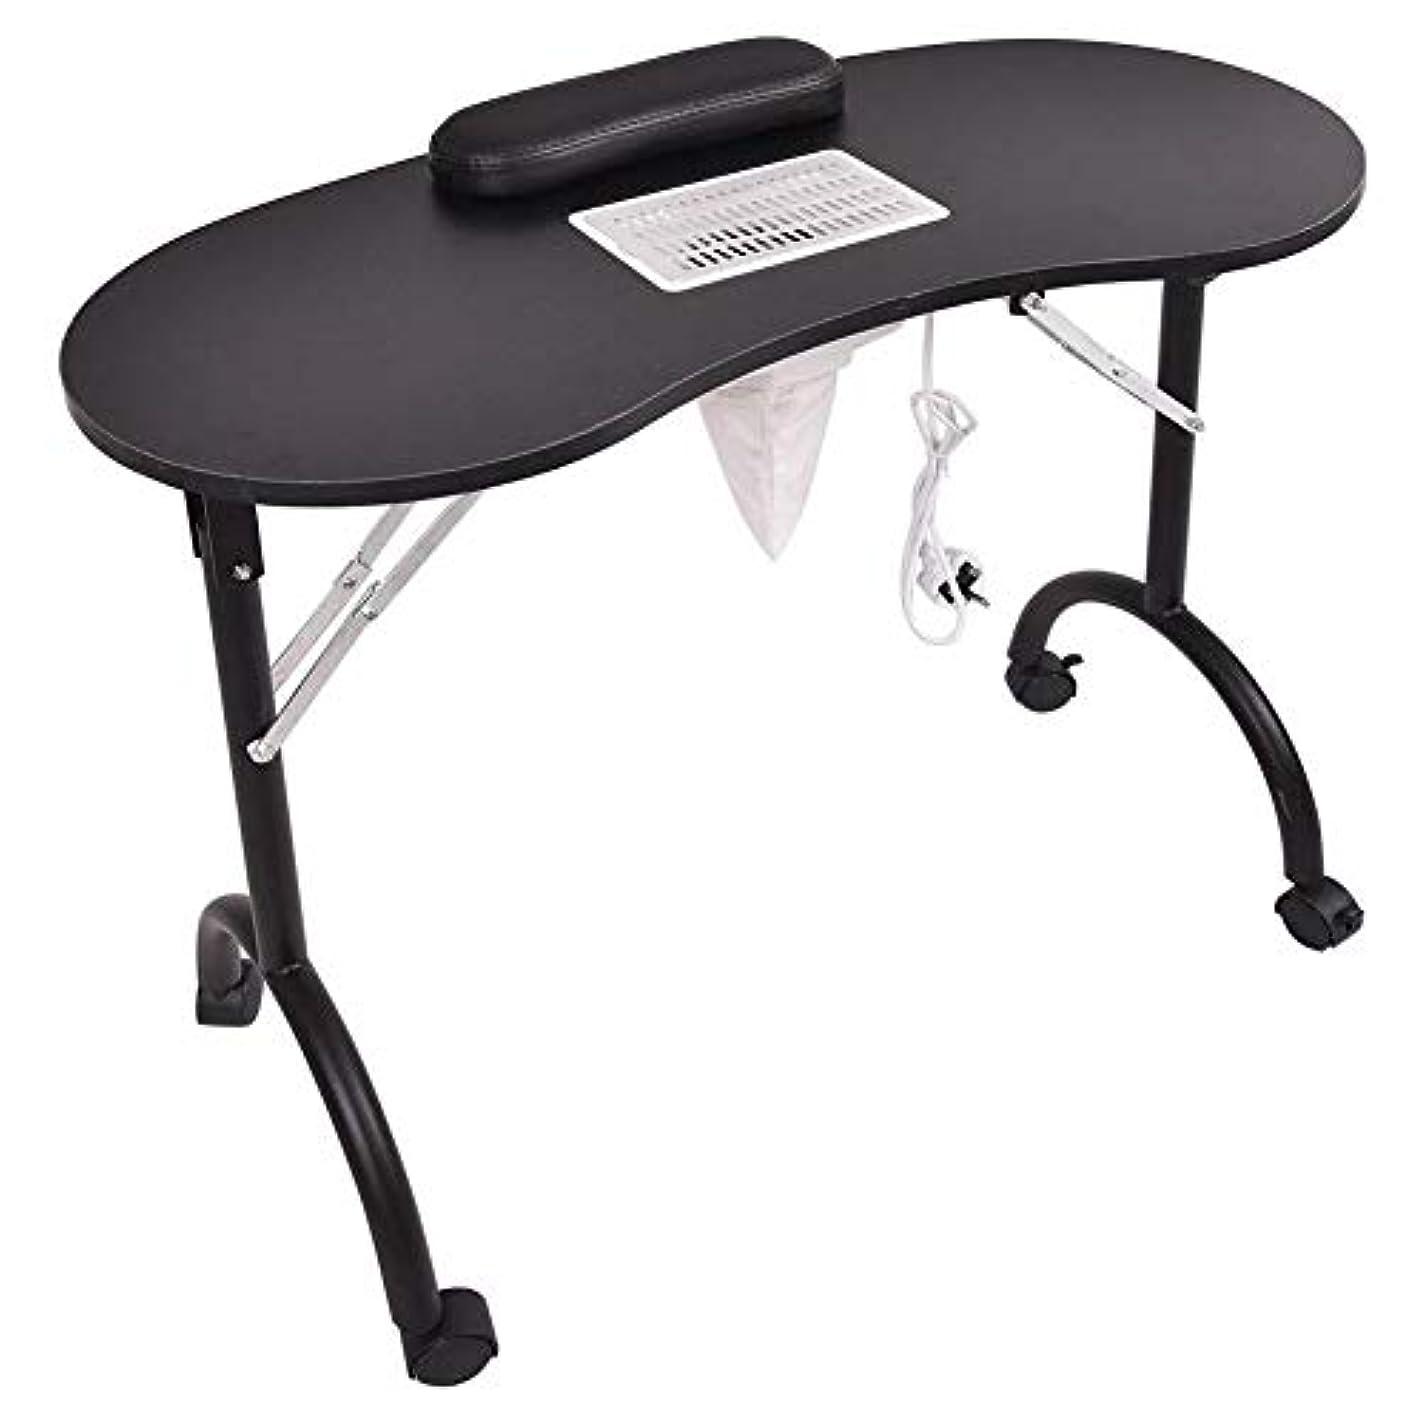 めったにヘクタール自明マニキュアテーブル折りたたみ式ポータブルネイルテーブルベントマニキュアテーブルネイルデスクサロンスパネイル掃除機andbag